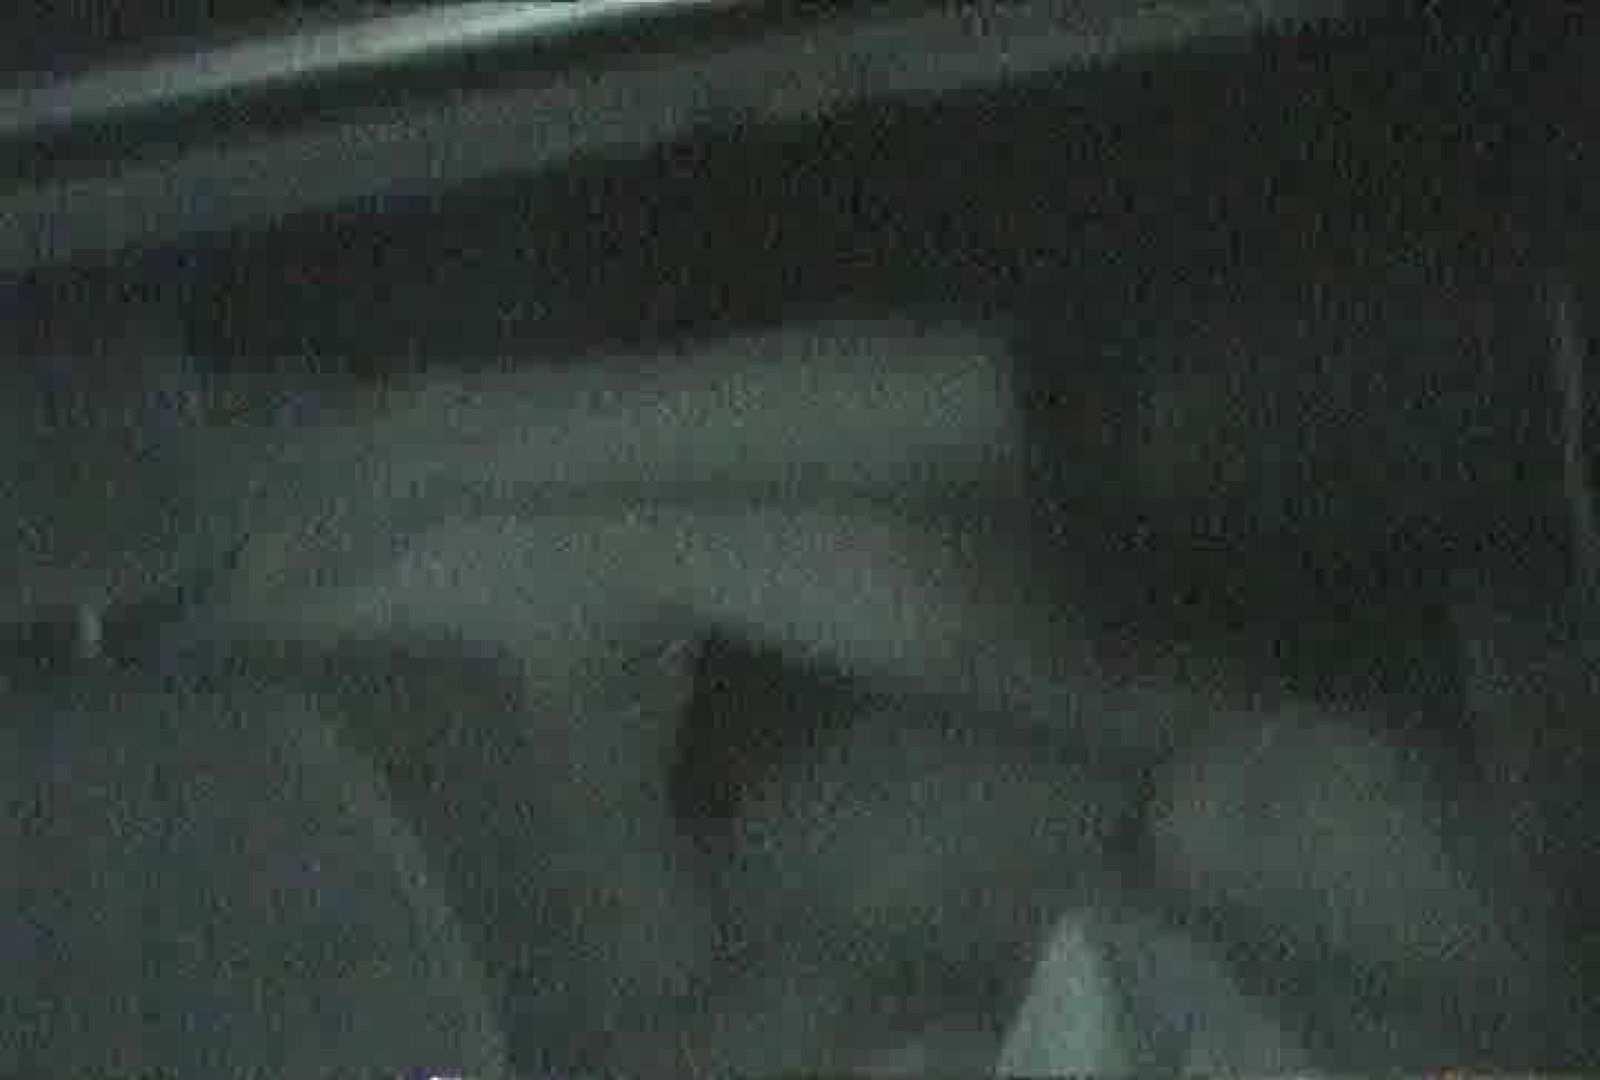 充血監督の深夜の運動会Vol.56 エロティックなOL 盗撮動画紹介 103画像 32